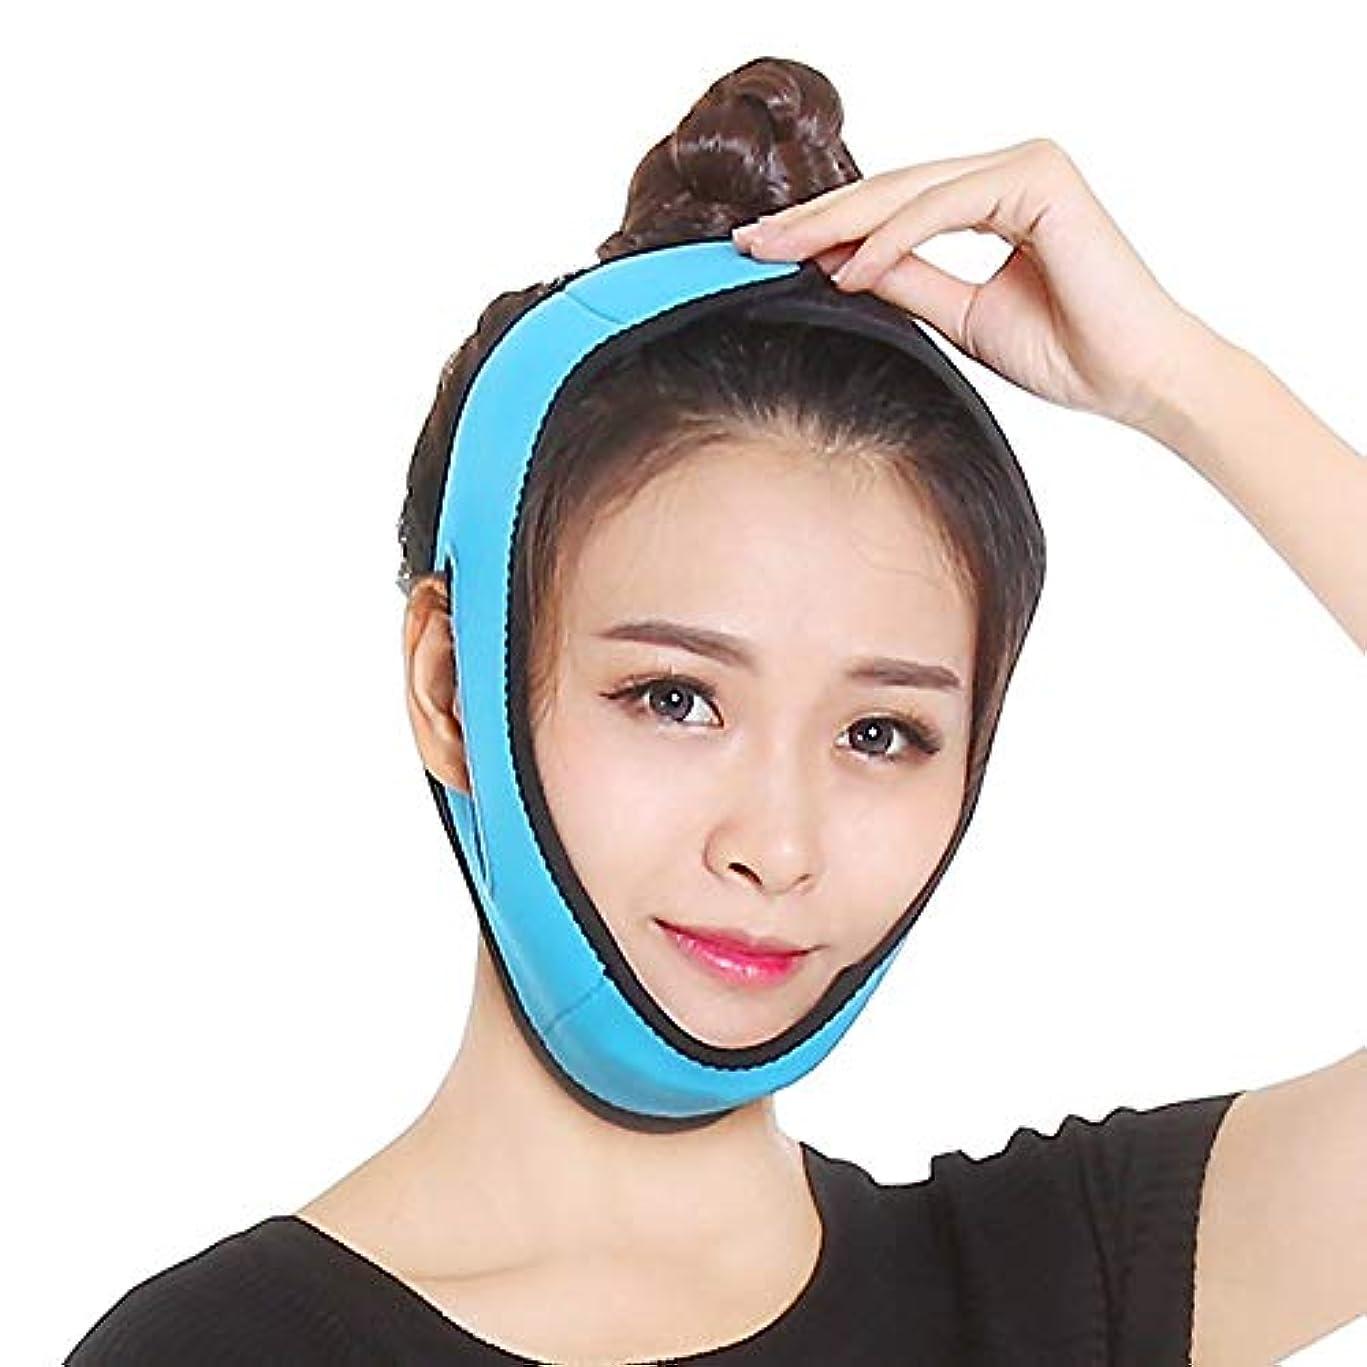 談話美的セント飛強強 フェイシャルリフティングスリミングベルト - 薄いフェイス包帯二重あごデバイス無料フェイシャルマッサージ整形マスクを引き締める顔と首の顔スリム スリムフィット美容ツール